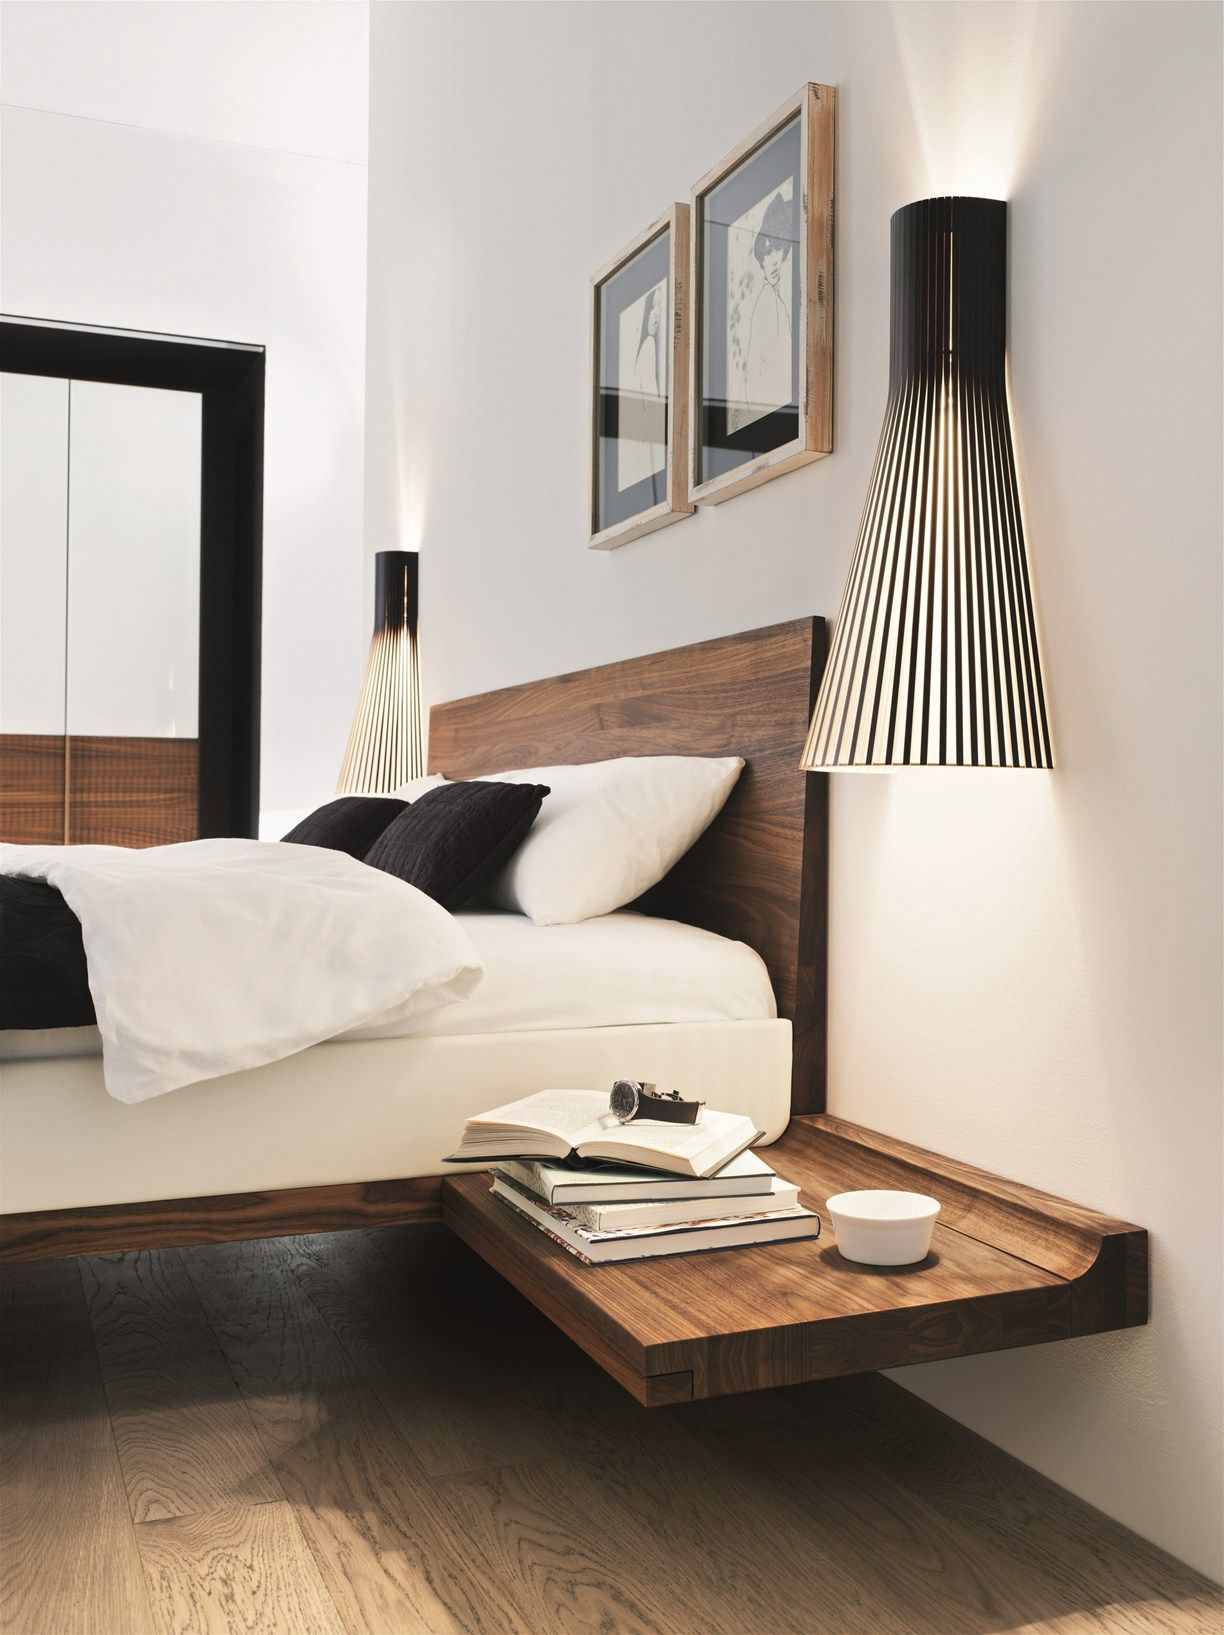 Benvenuto nel mondo chateau d'ax. 100 Idee Camere Da Letto Moderne Stile E Design Per Un Ambiente Da Sogno Bedroom Interior Remodel Bedroom Bed Frame Design